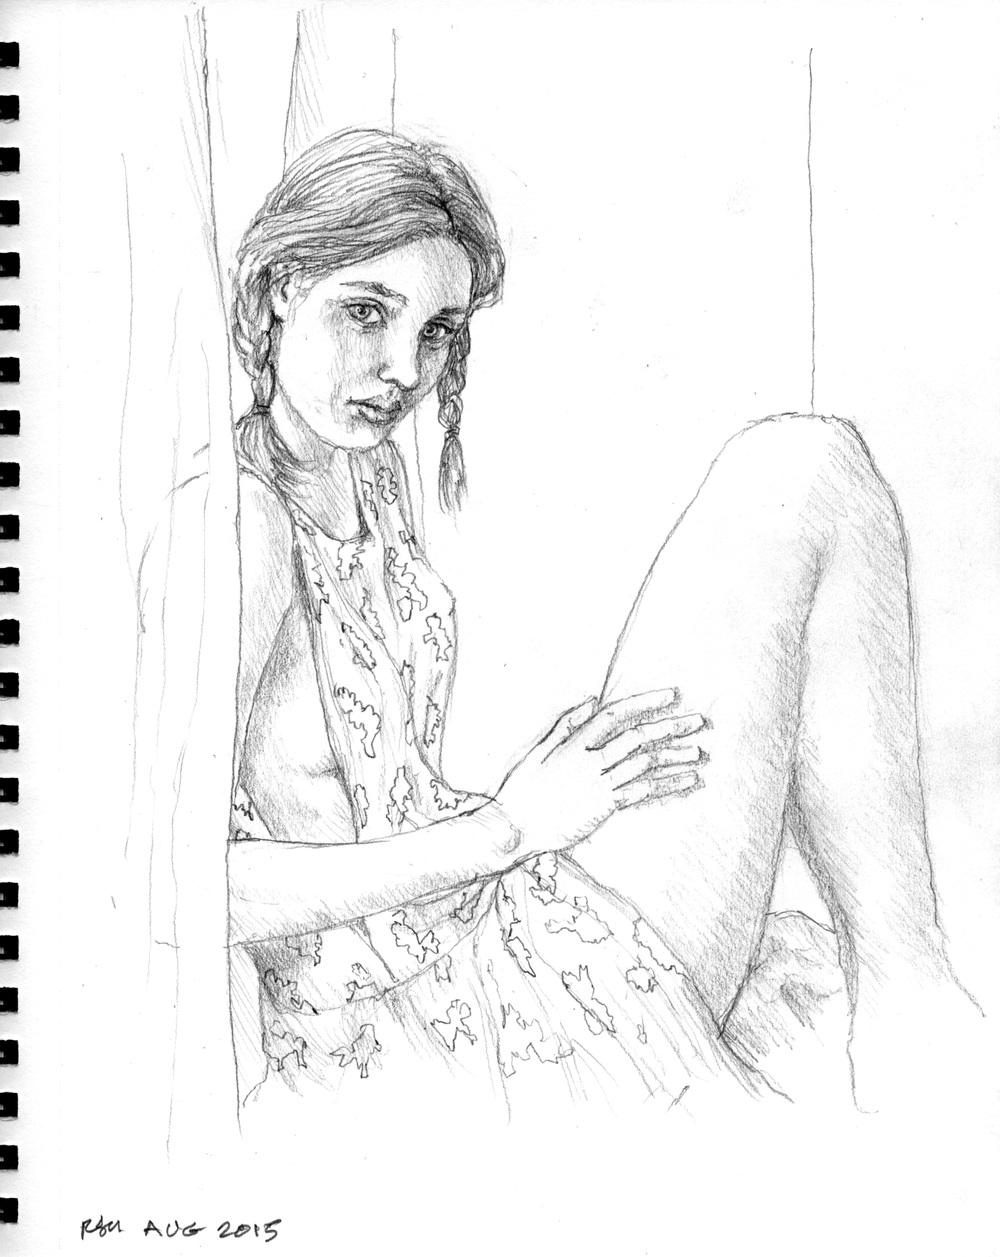 August September 2015 sketches_270.jpg